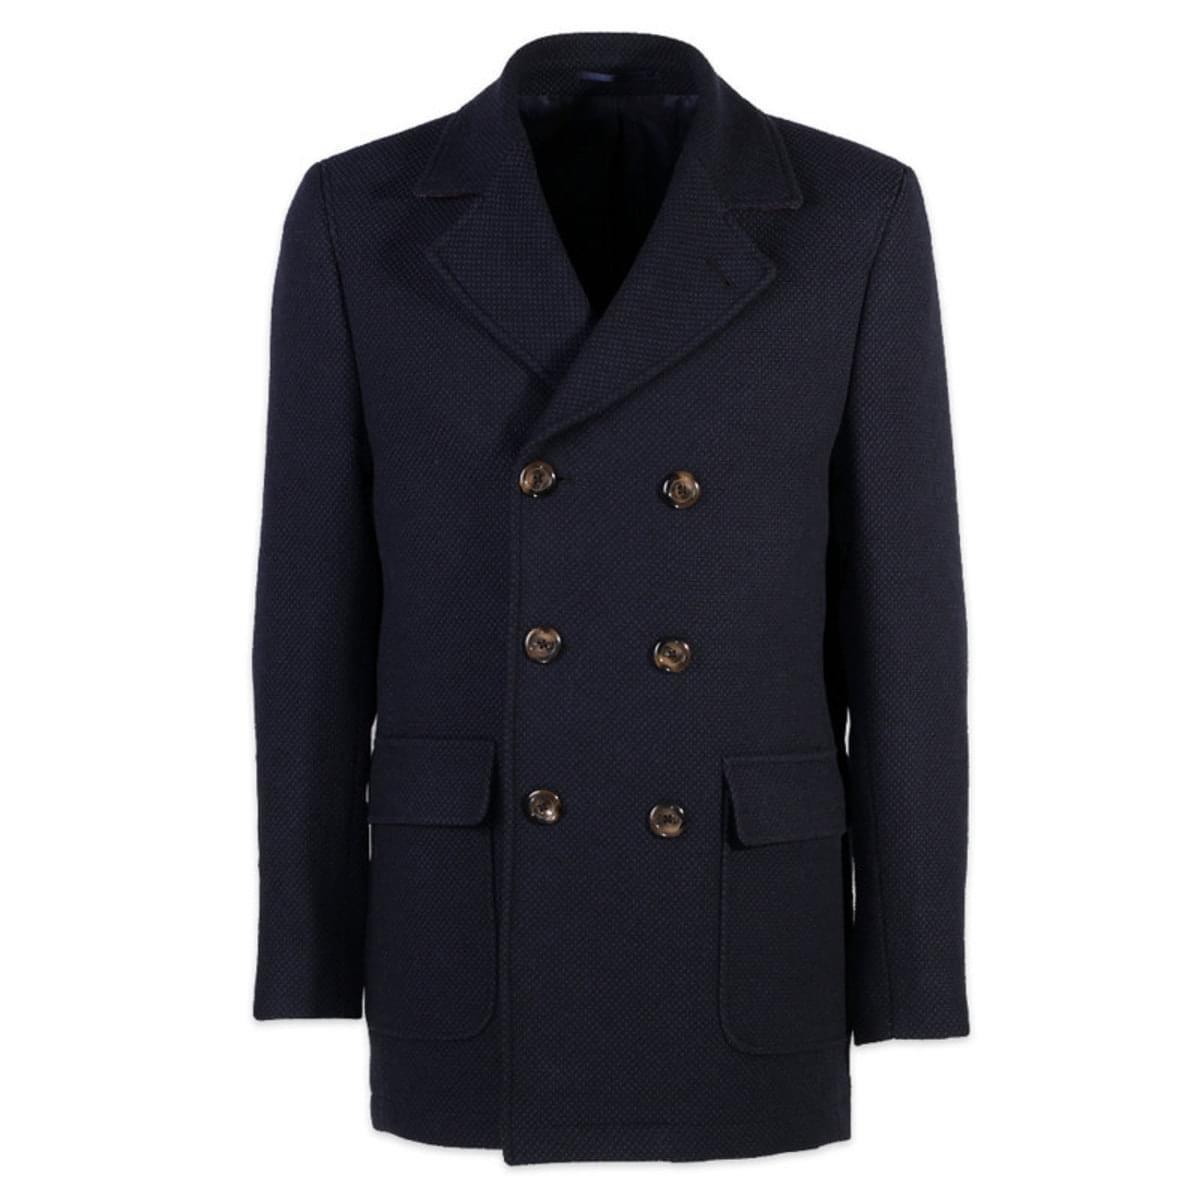 Pánsky kabát Willsoor (výška 176-182 i 188-194) 7435 vo tmavo modré farbe 52 / 188-194 (Veľkosť L)